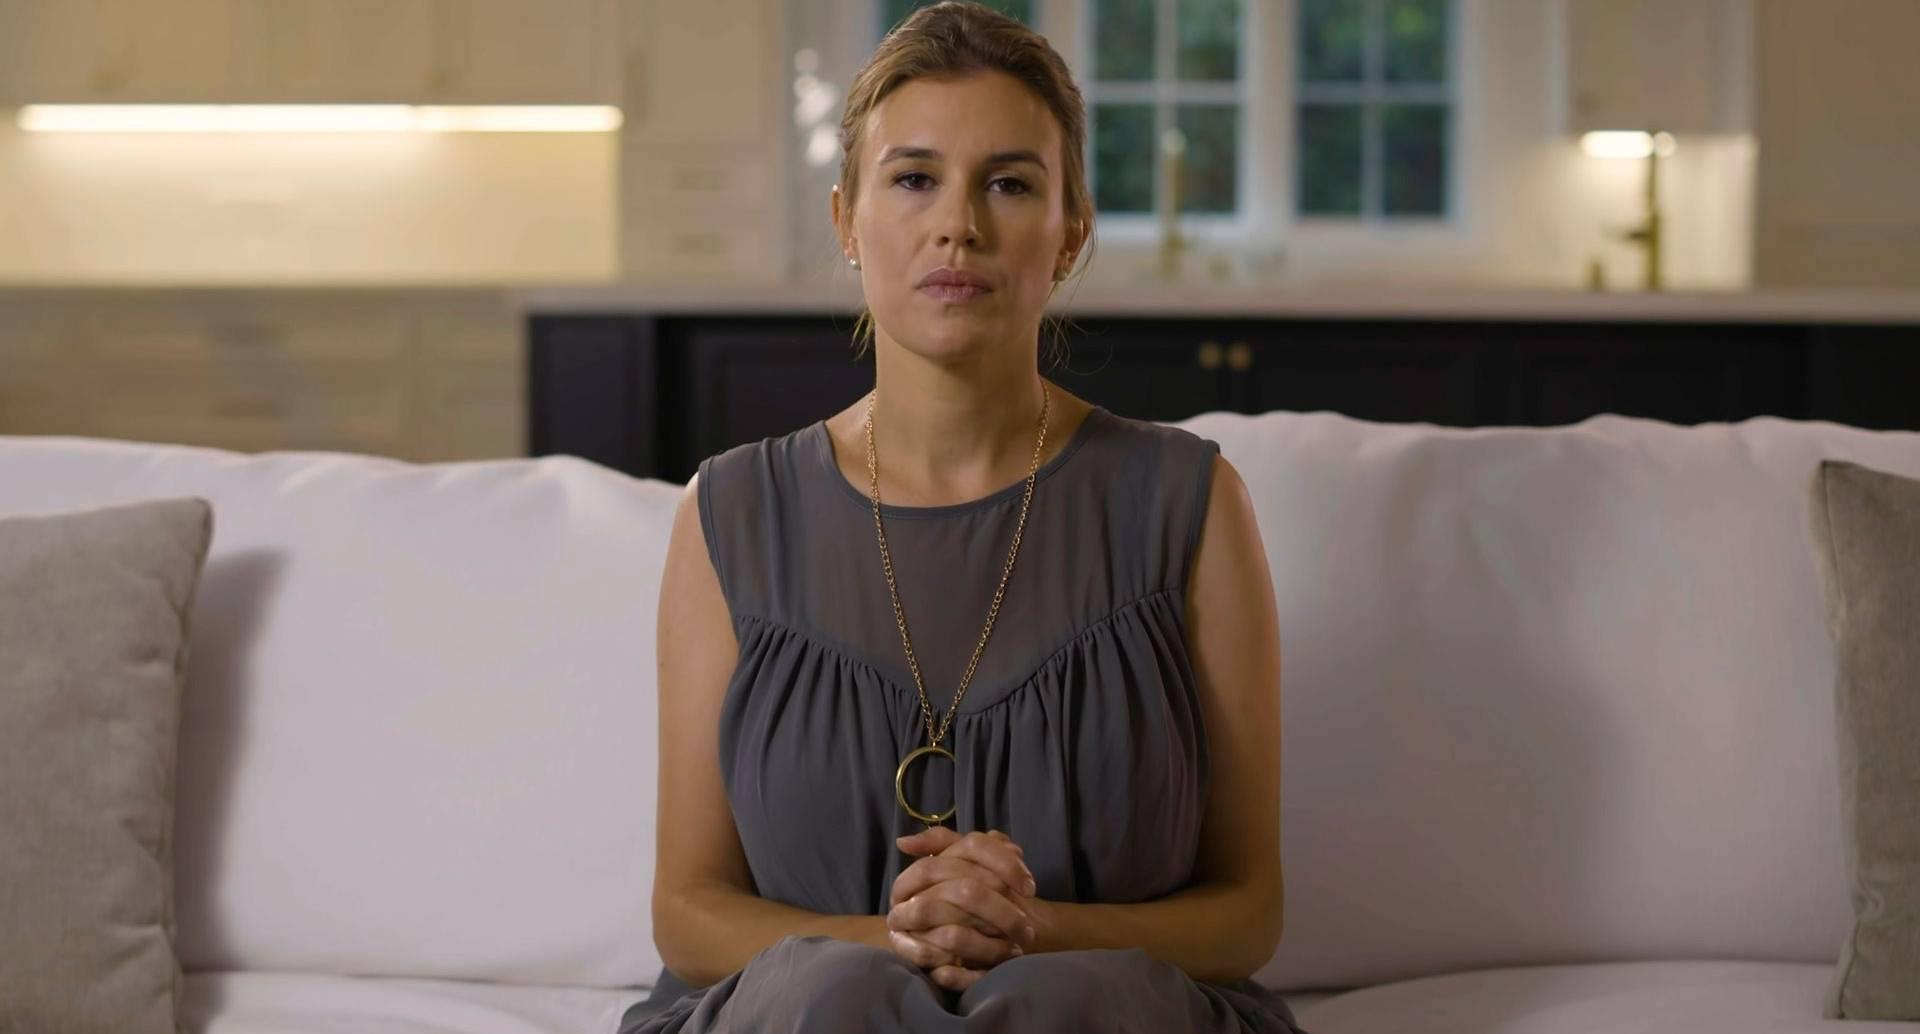 Alexandra Sarini, la heredera de Gucci que denuncia haber sido abusada por tres miembros de su familia.